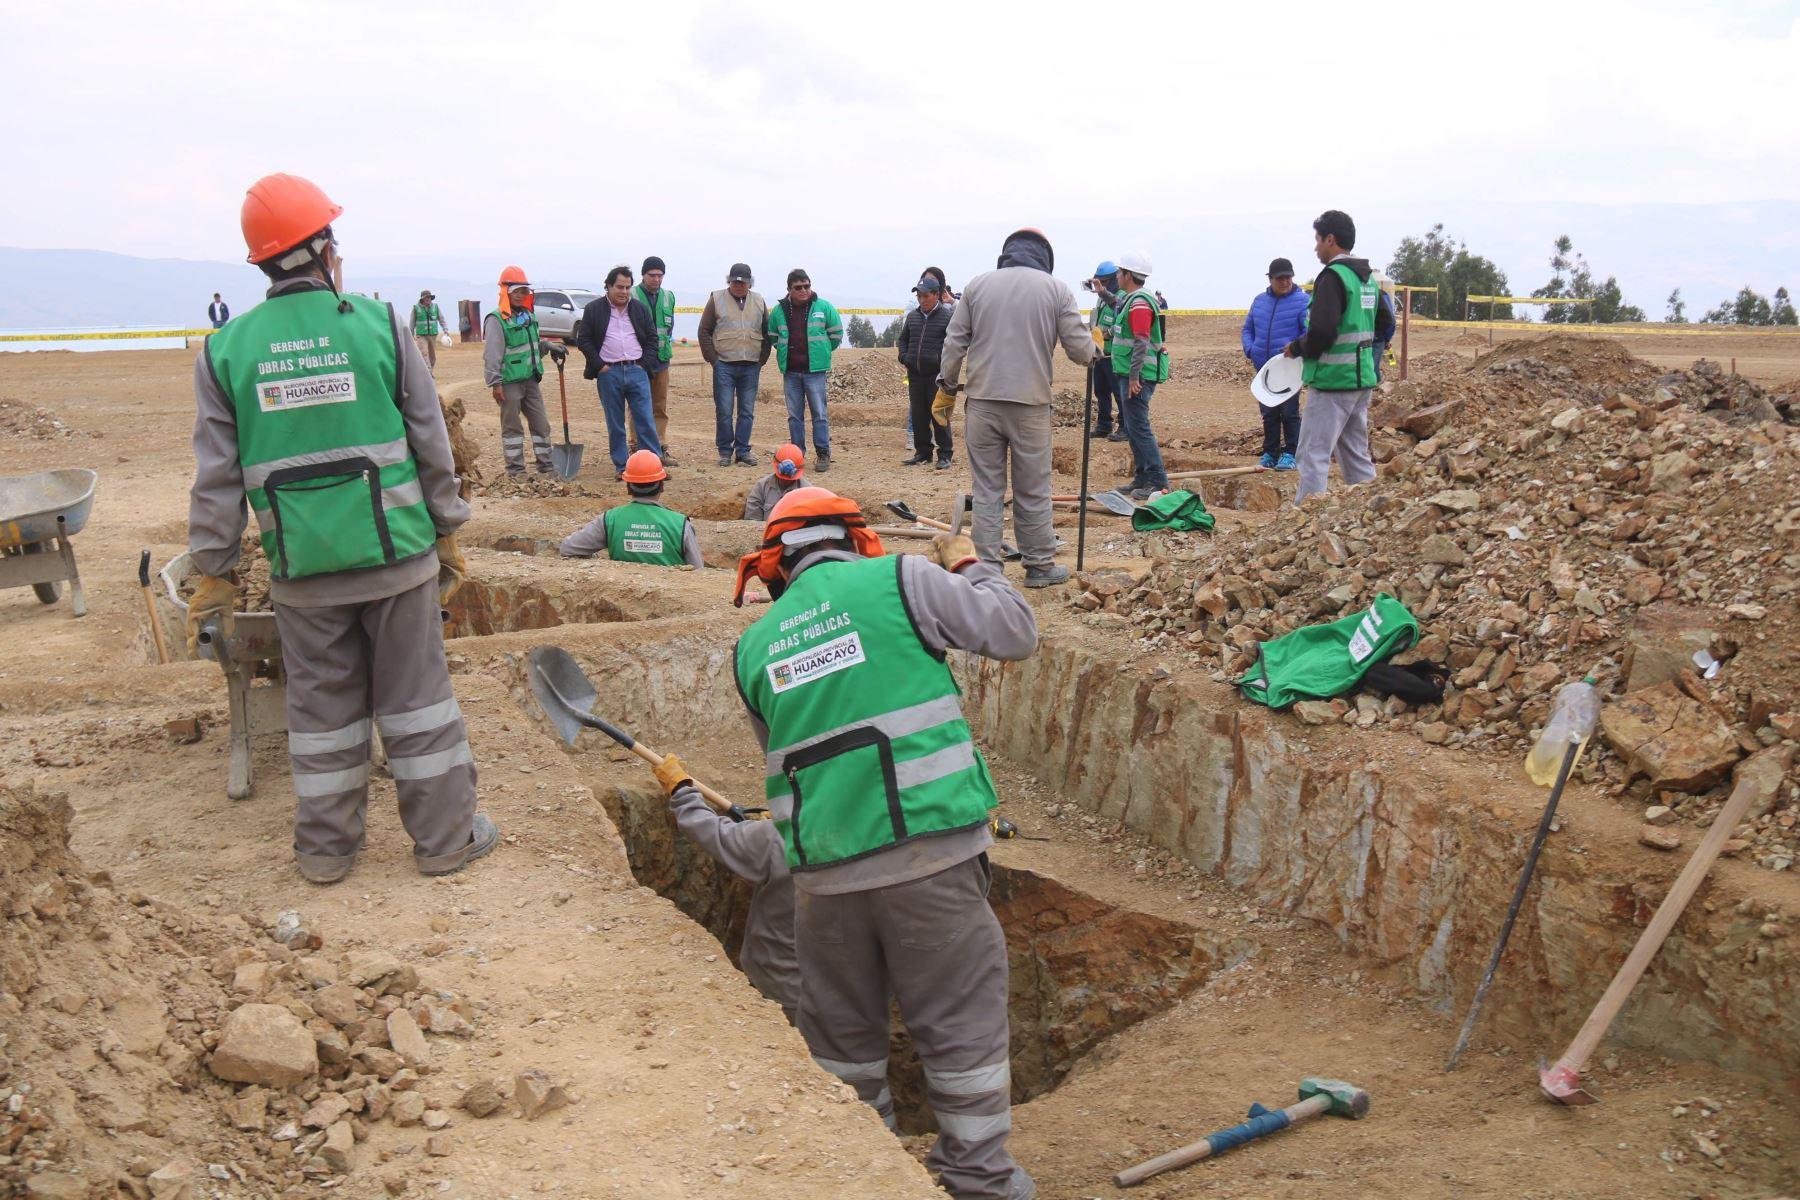 Avanza construcción de planta de tratamiento de residuos sólidos en Huancayo. ANDINA/Pedro Tinoco